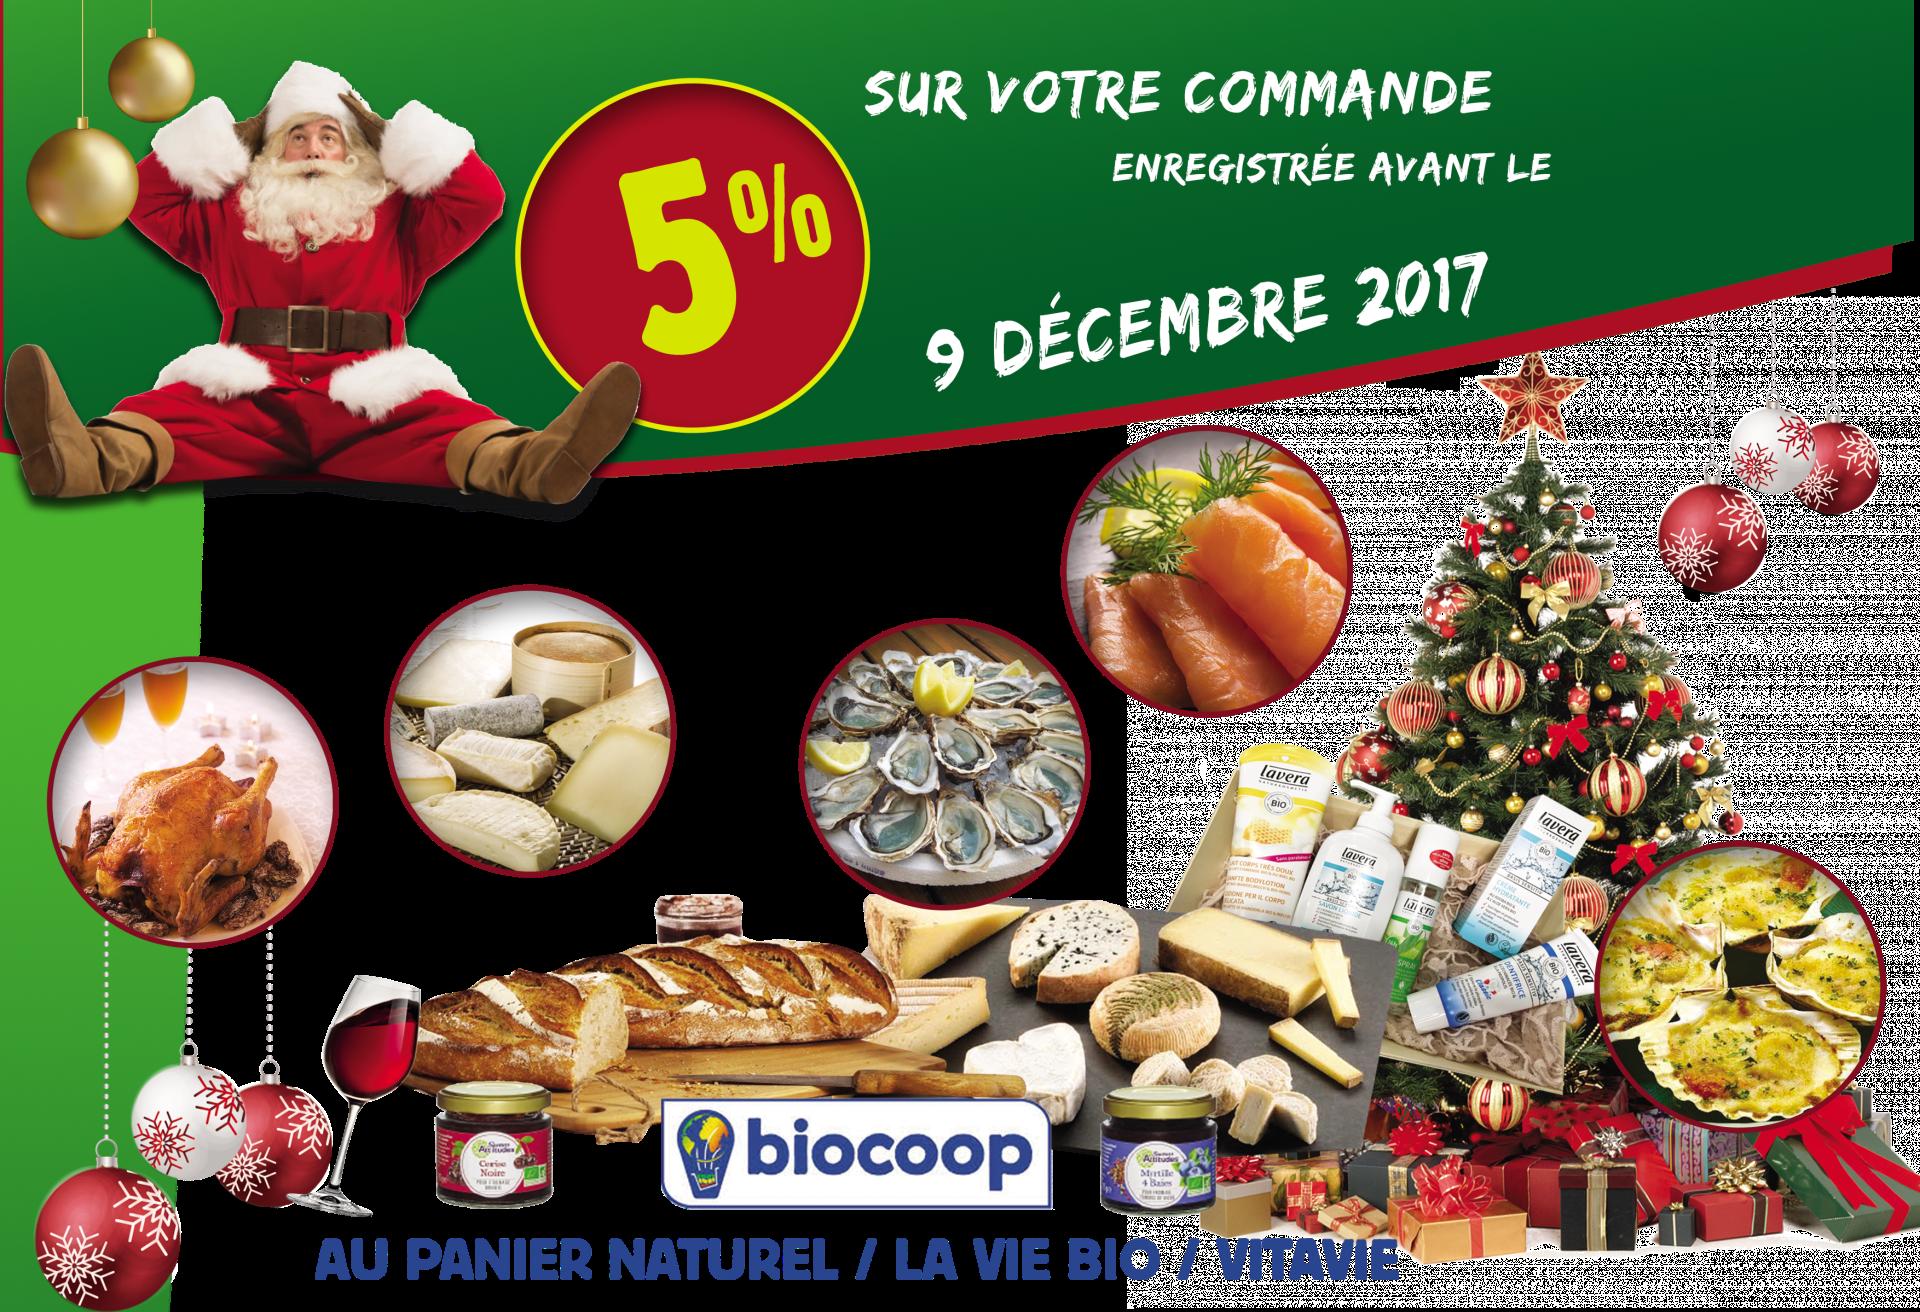 Biocoop vitavie magasin bio cambrai for Magasin d artisanat cambrai